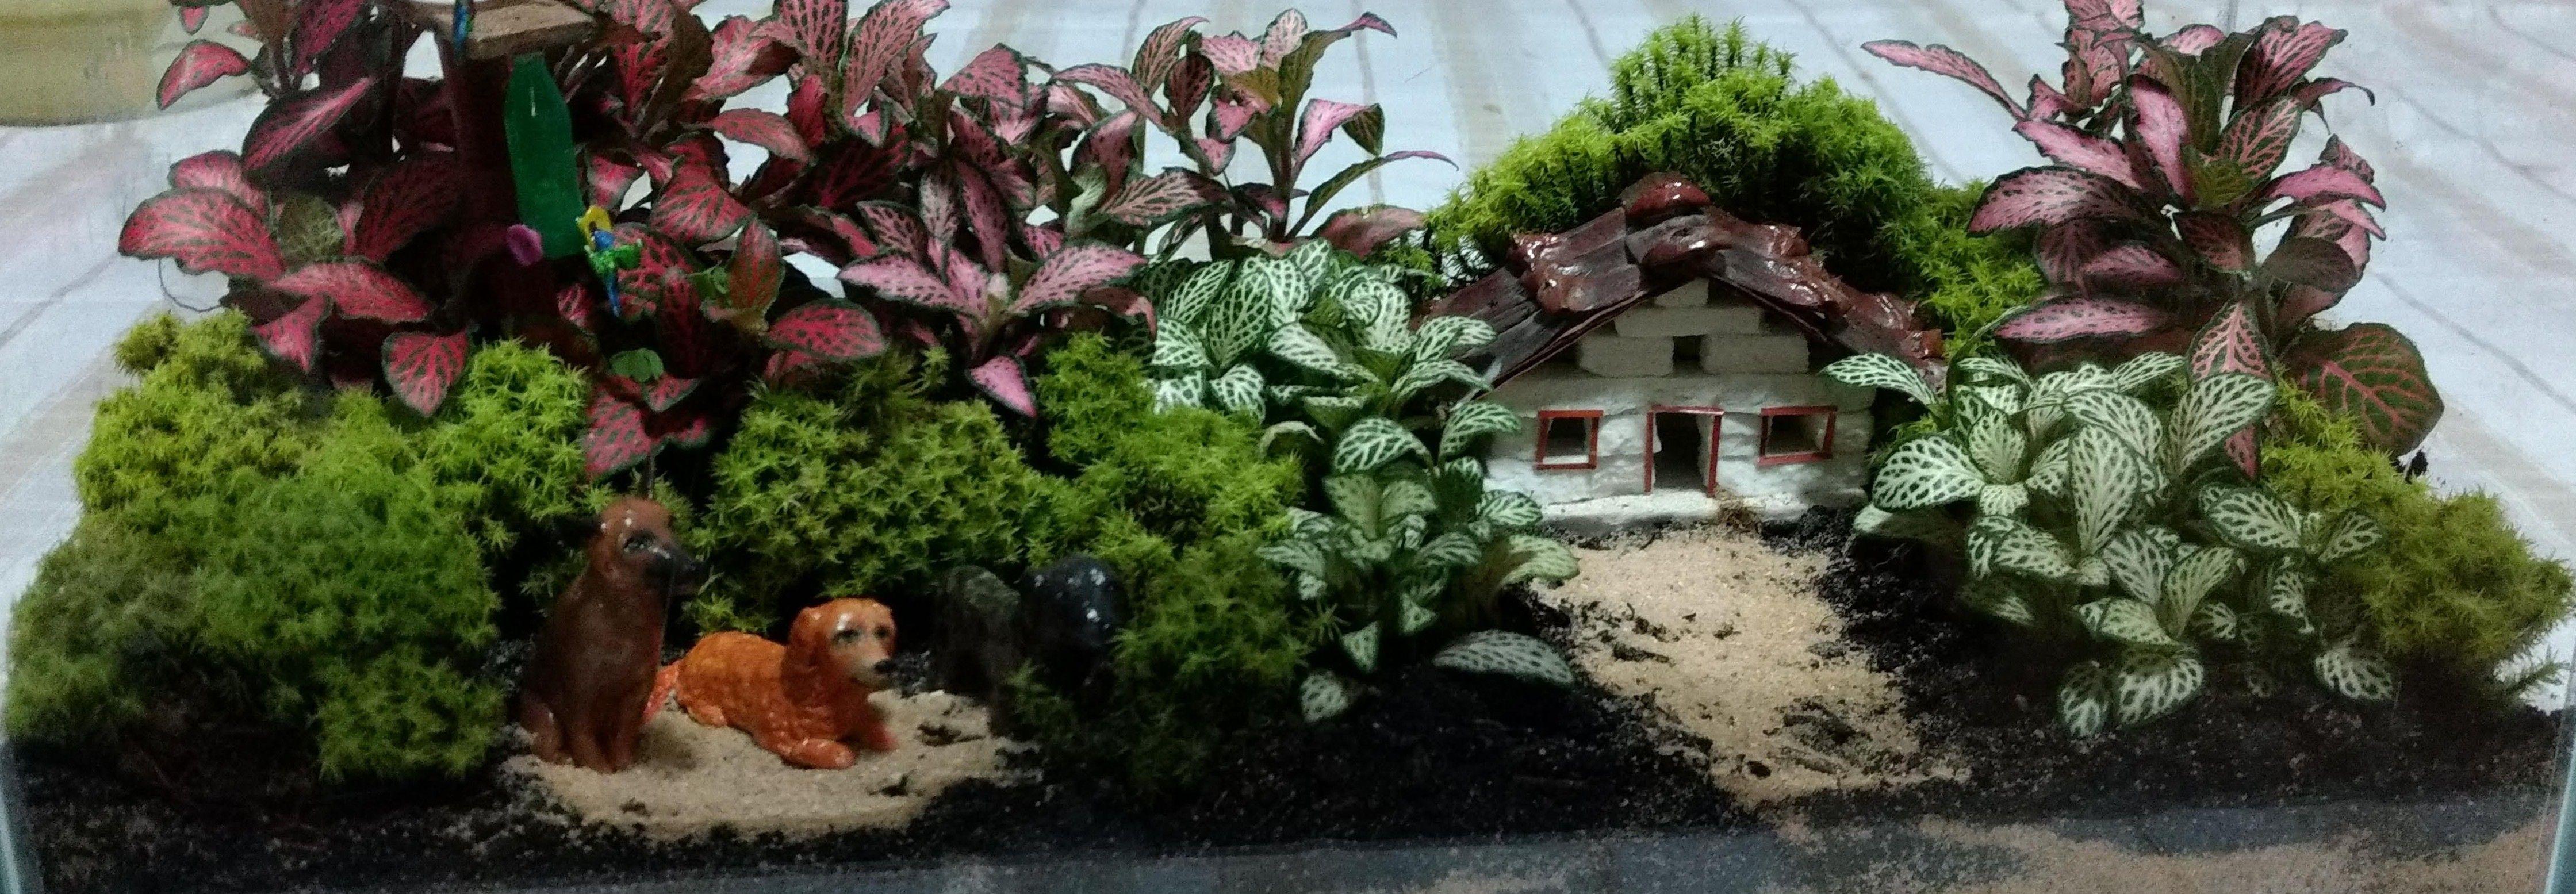 Confecção de terrários e mini jardins